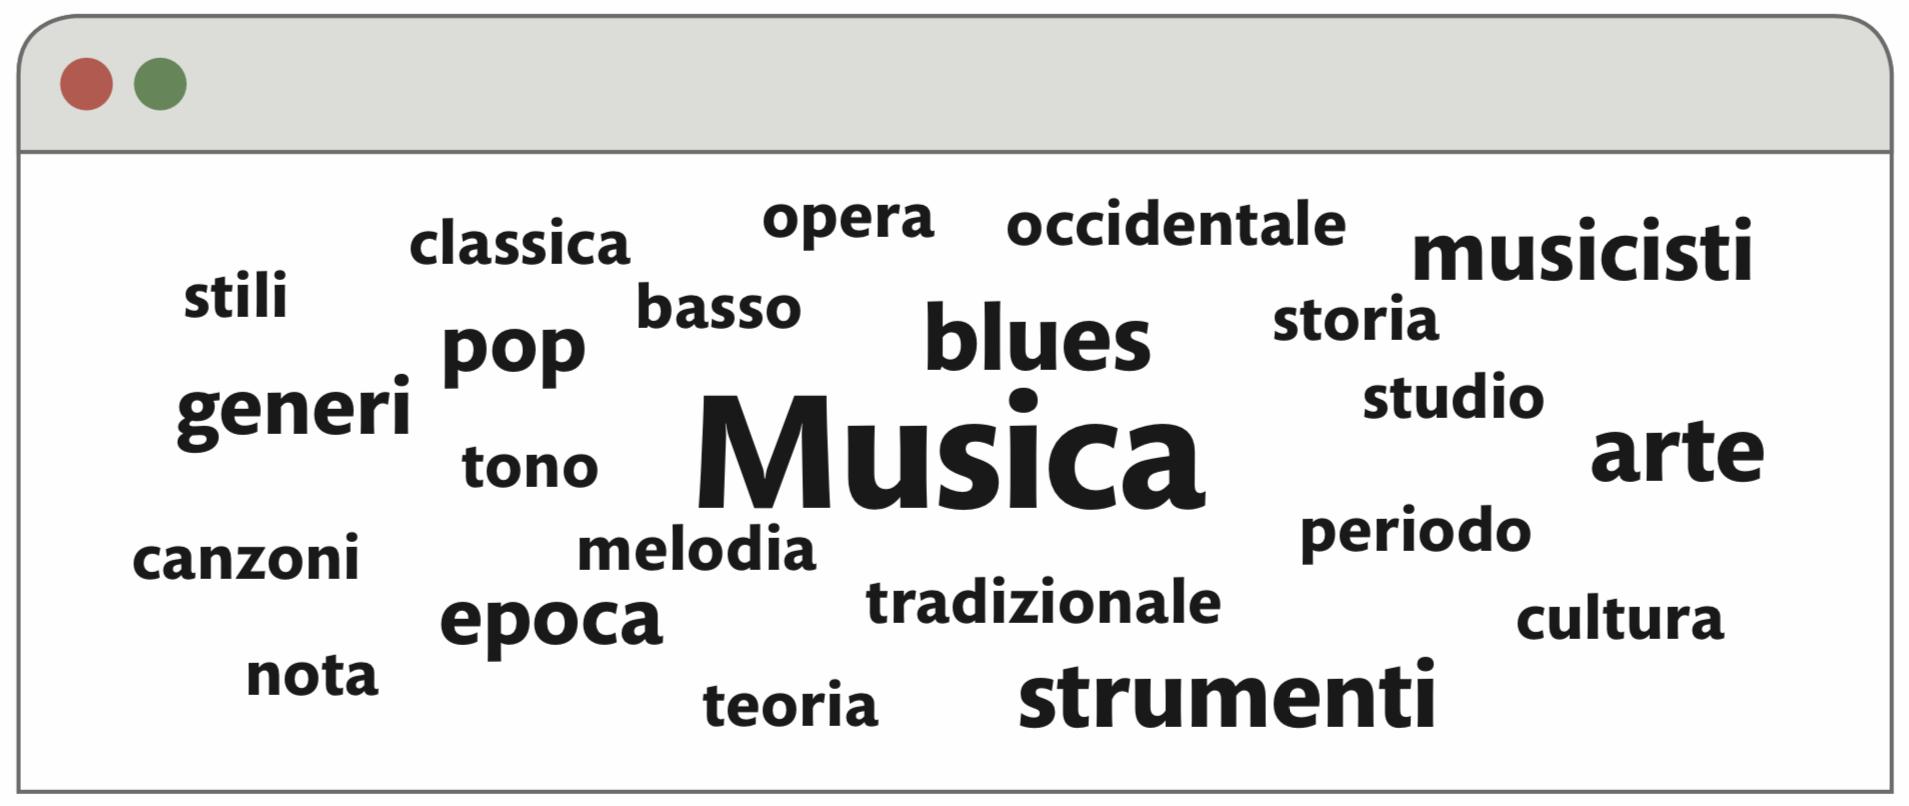 Nuvola di parole generata dal linguaggio Wolfram da una pagina di Wikipedia